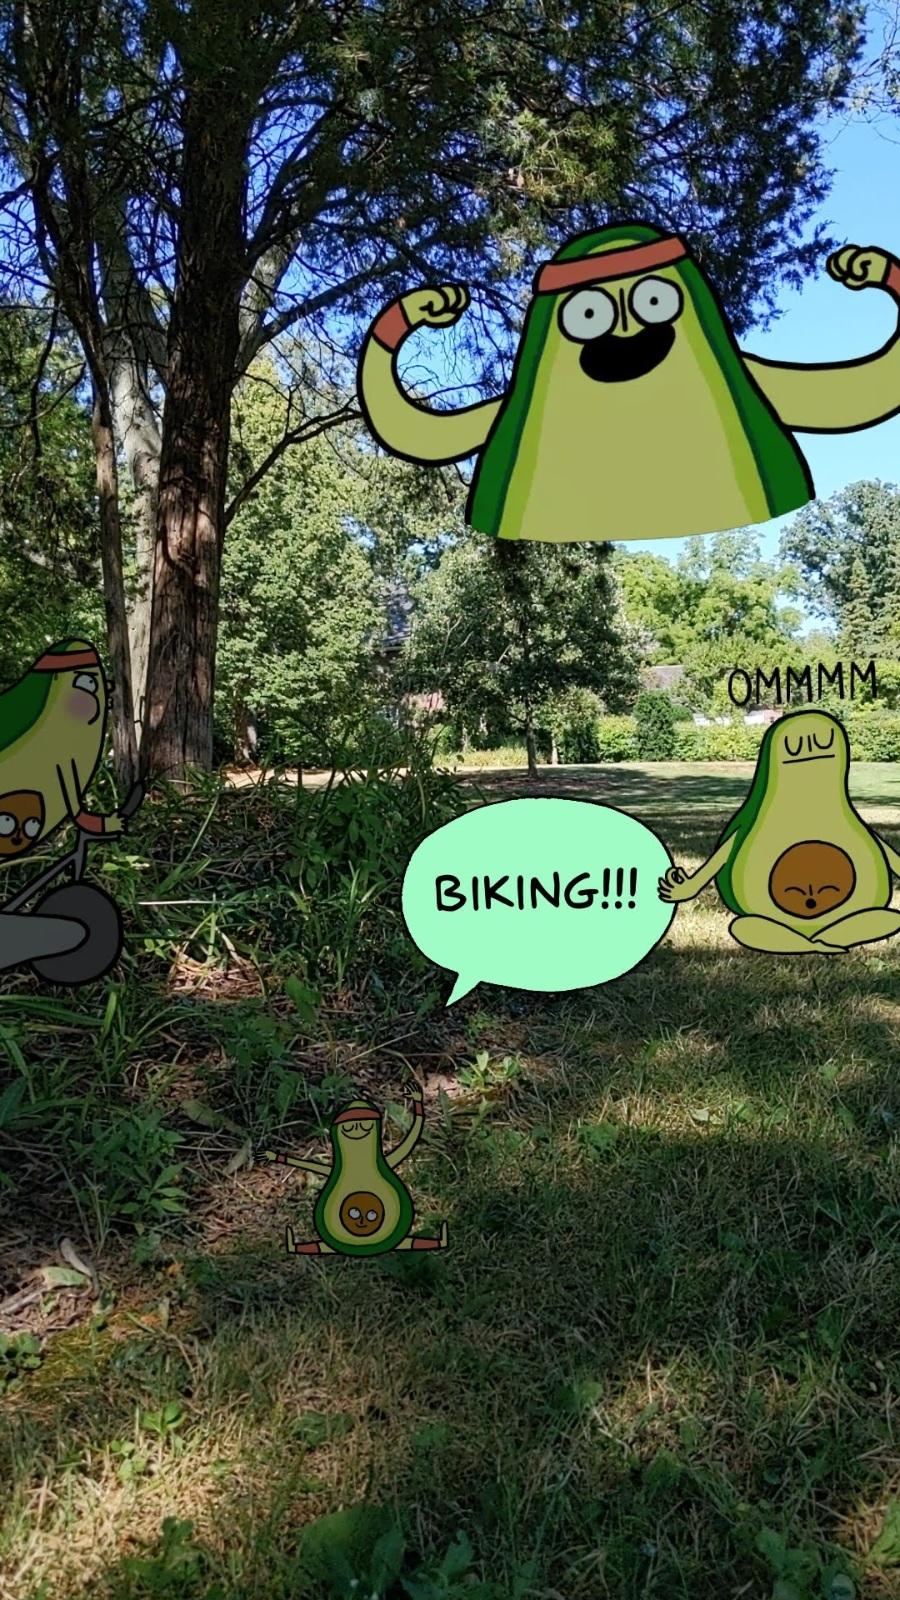 Having Fun on the Bike Trail